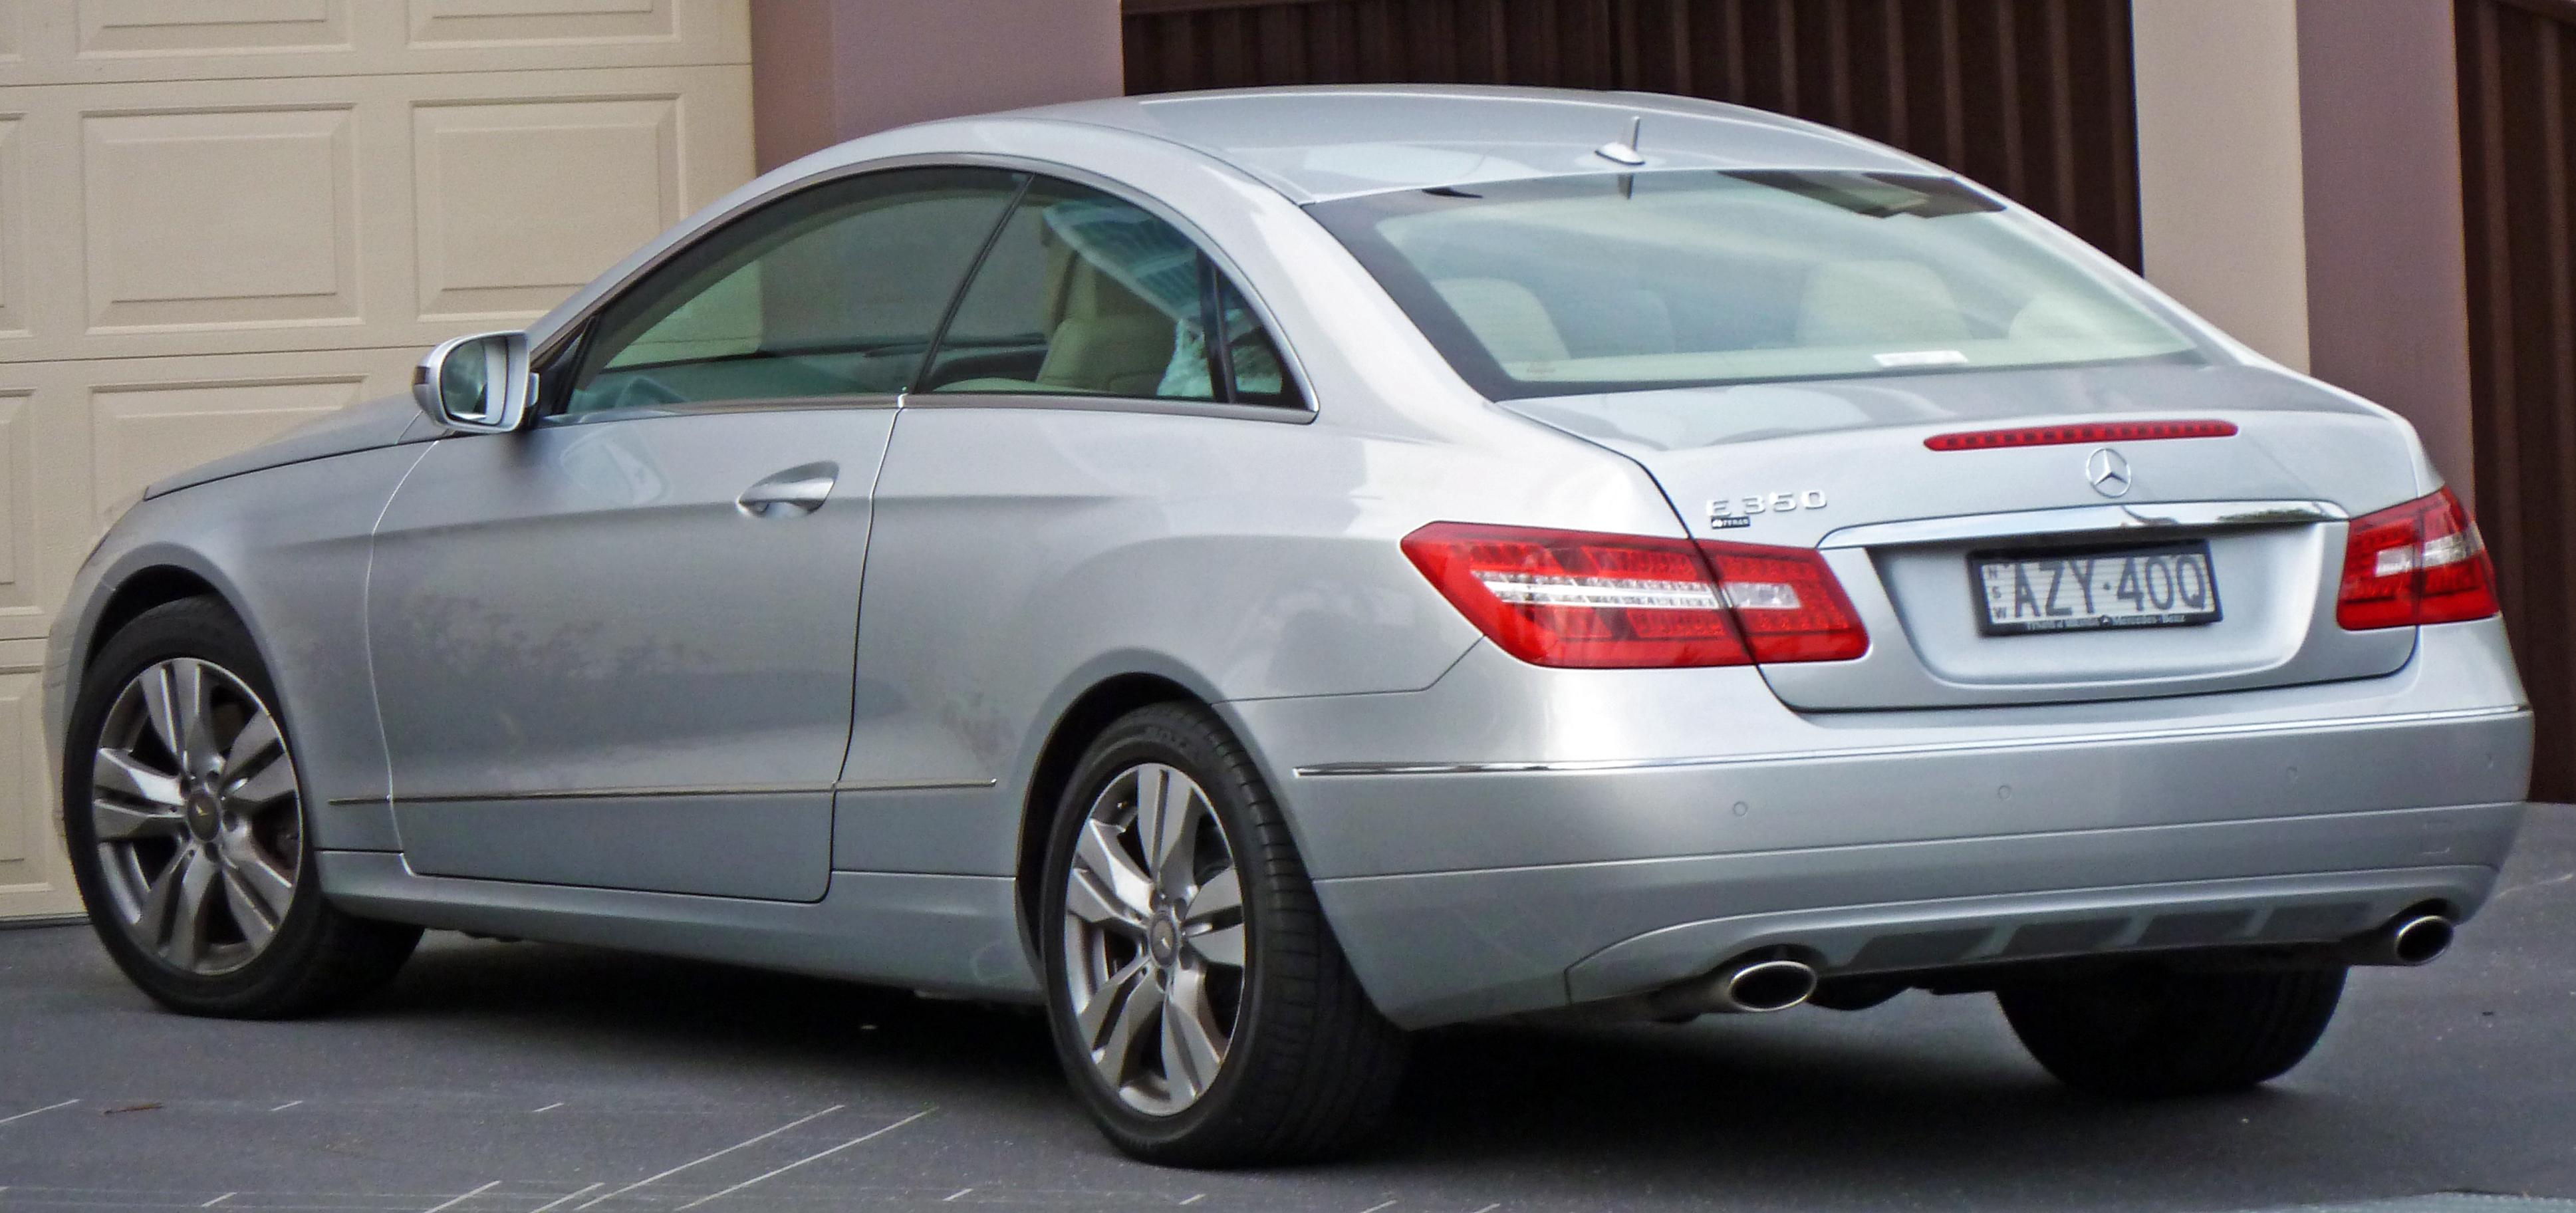 2009 2010 mercedes benz e 350 c 207 elegance for 2010 mercedes benz e350 coupe